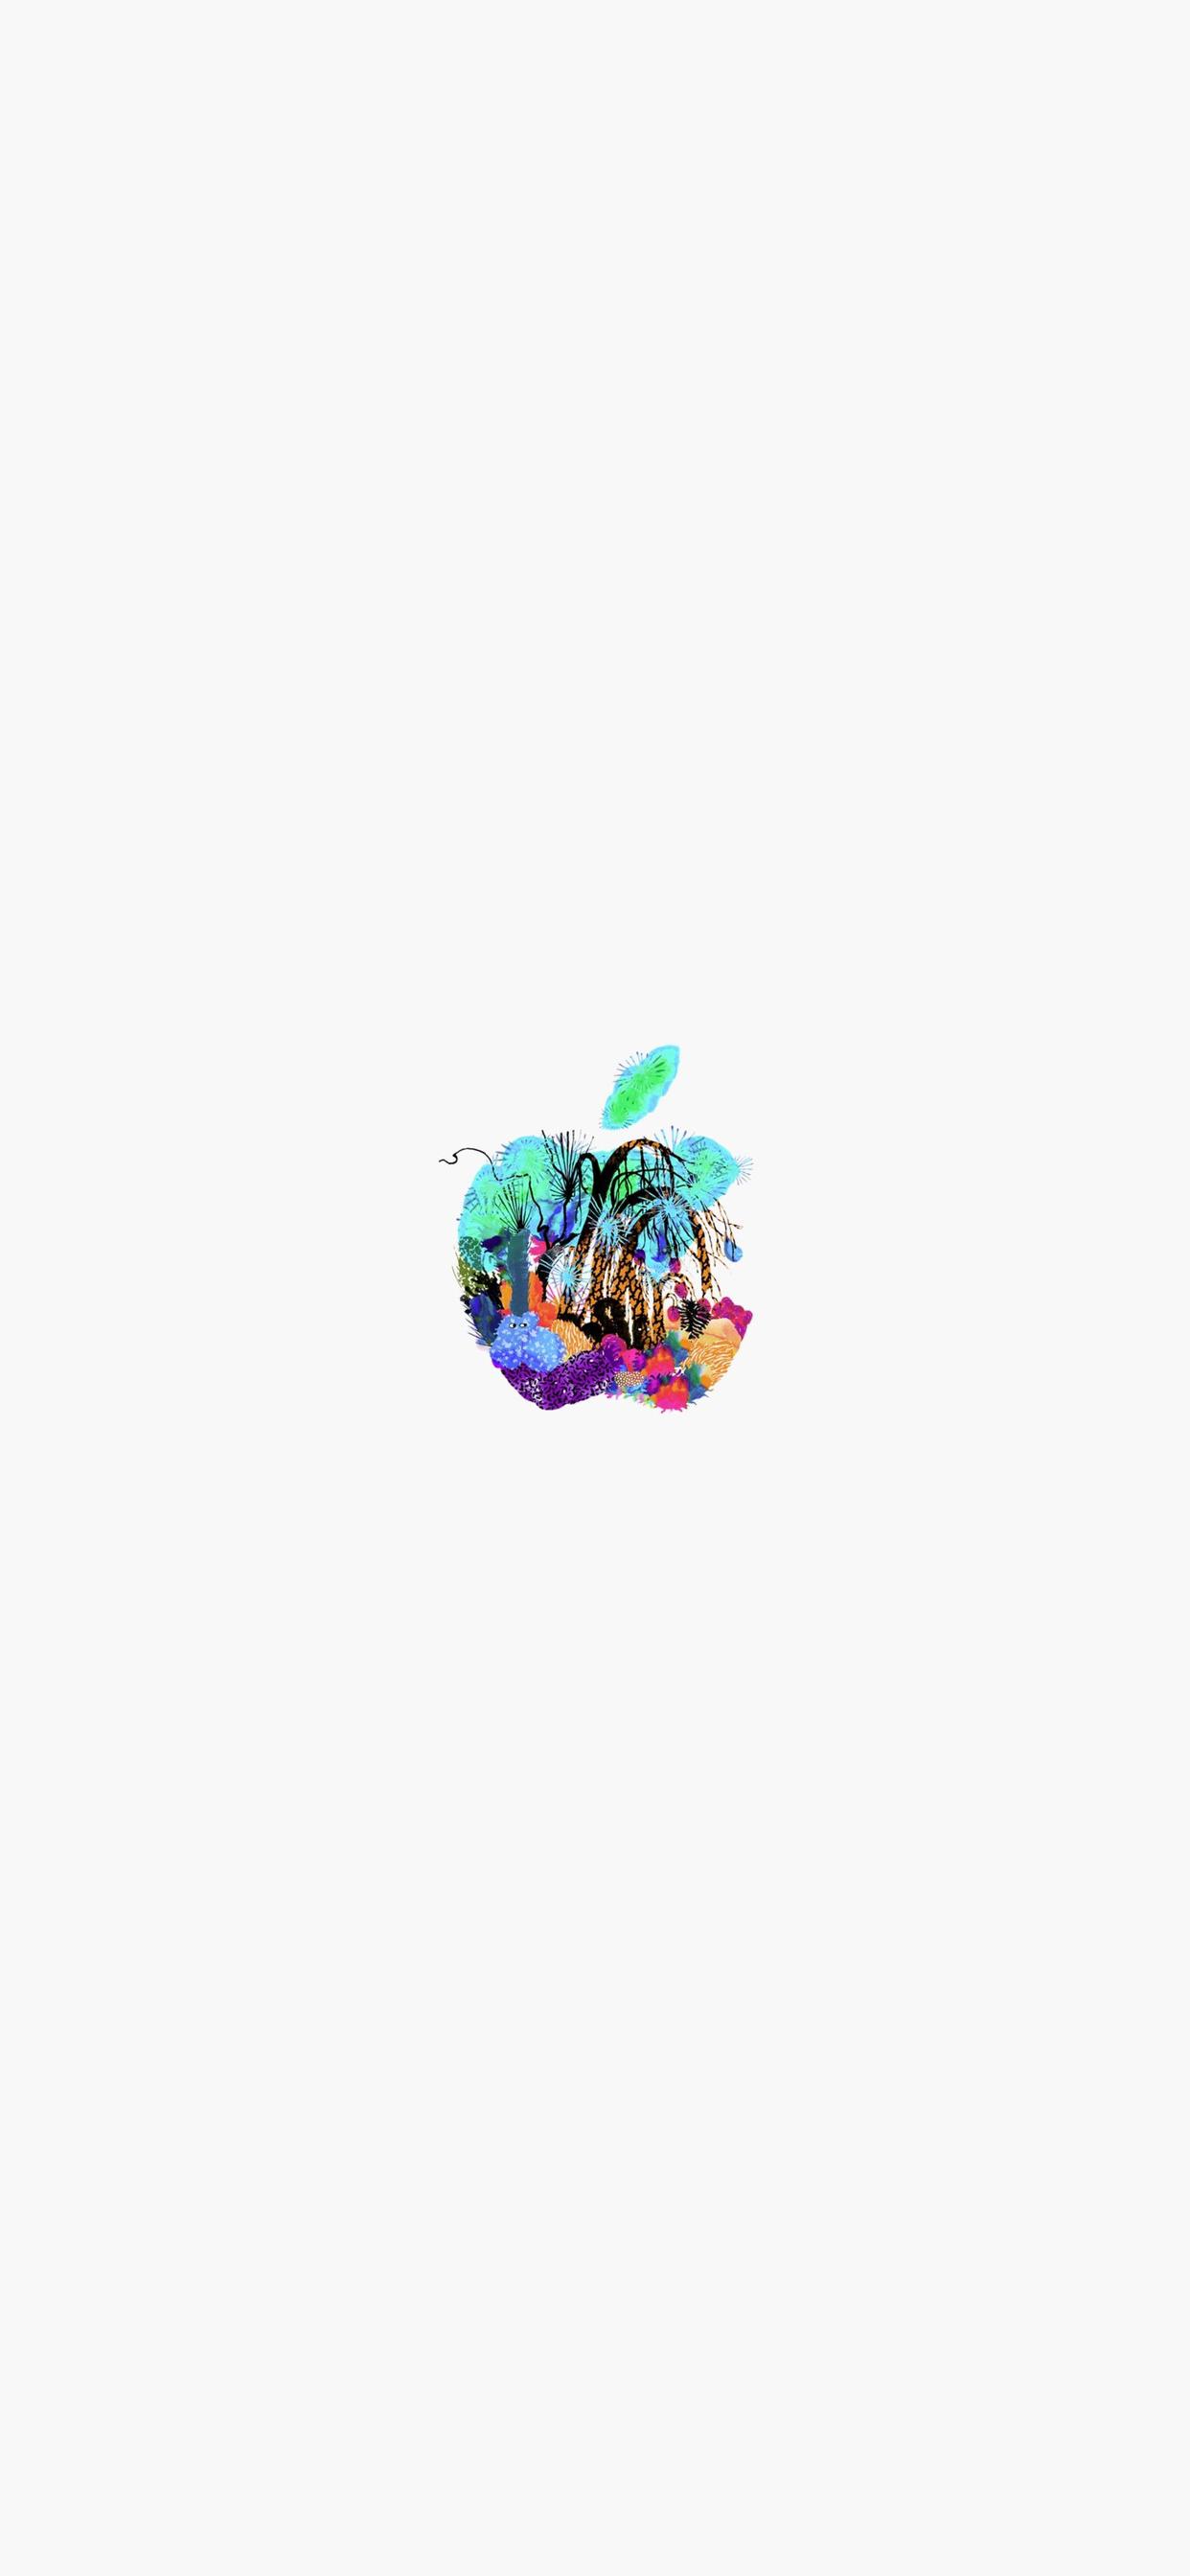 21 Fonds d'écran avec le logo Apple pour iPhone